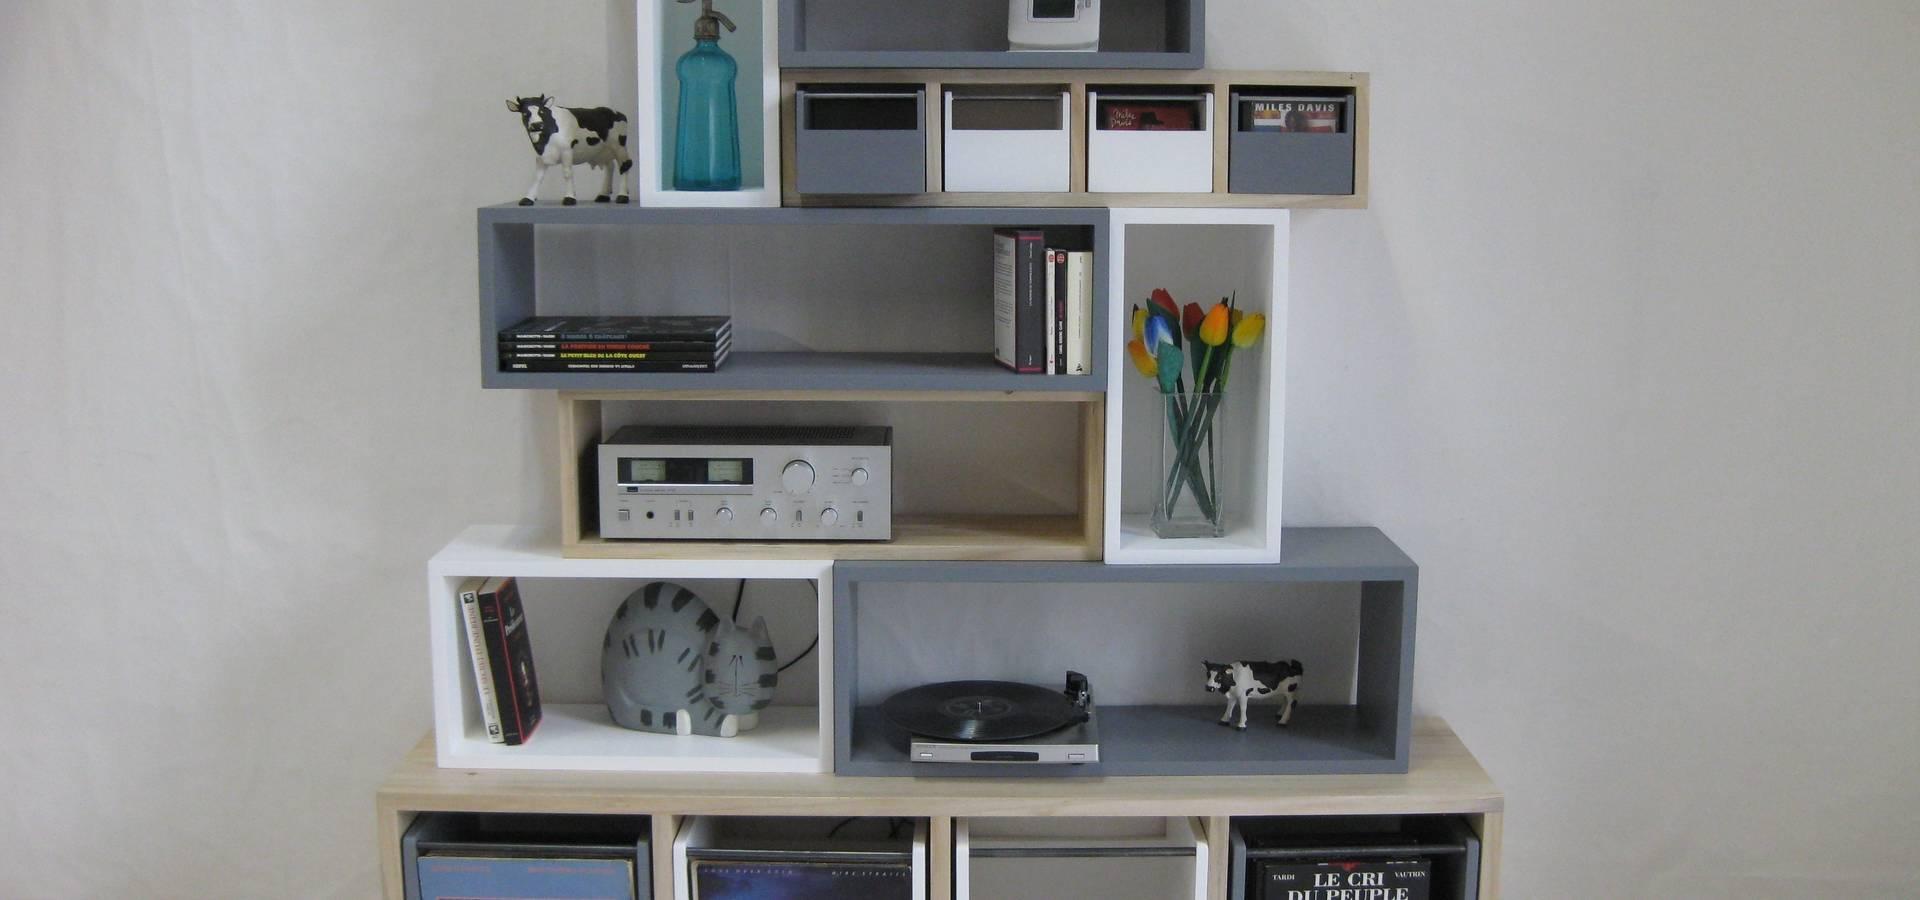 Banc d 39 entr e design bois color di lartelier homify - Banc d entree design ...